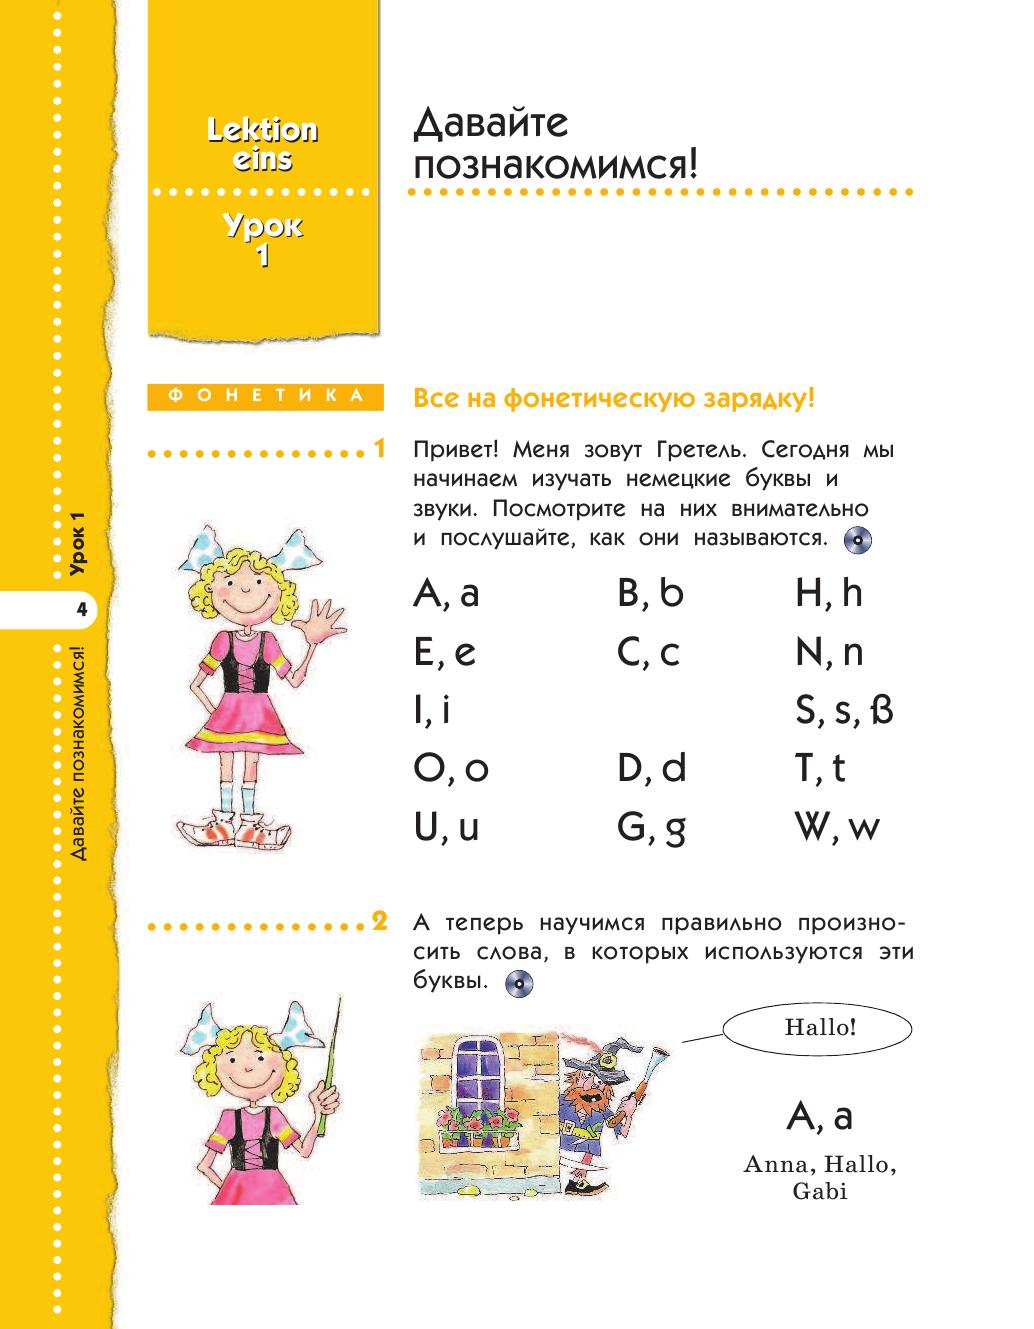 Учебник немецкого языка 8 класс о.д радченко г хебелер читать онлайн